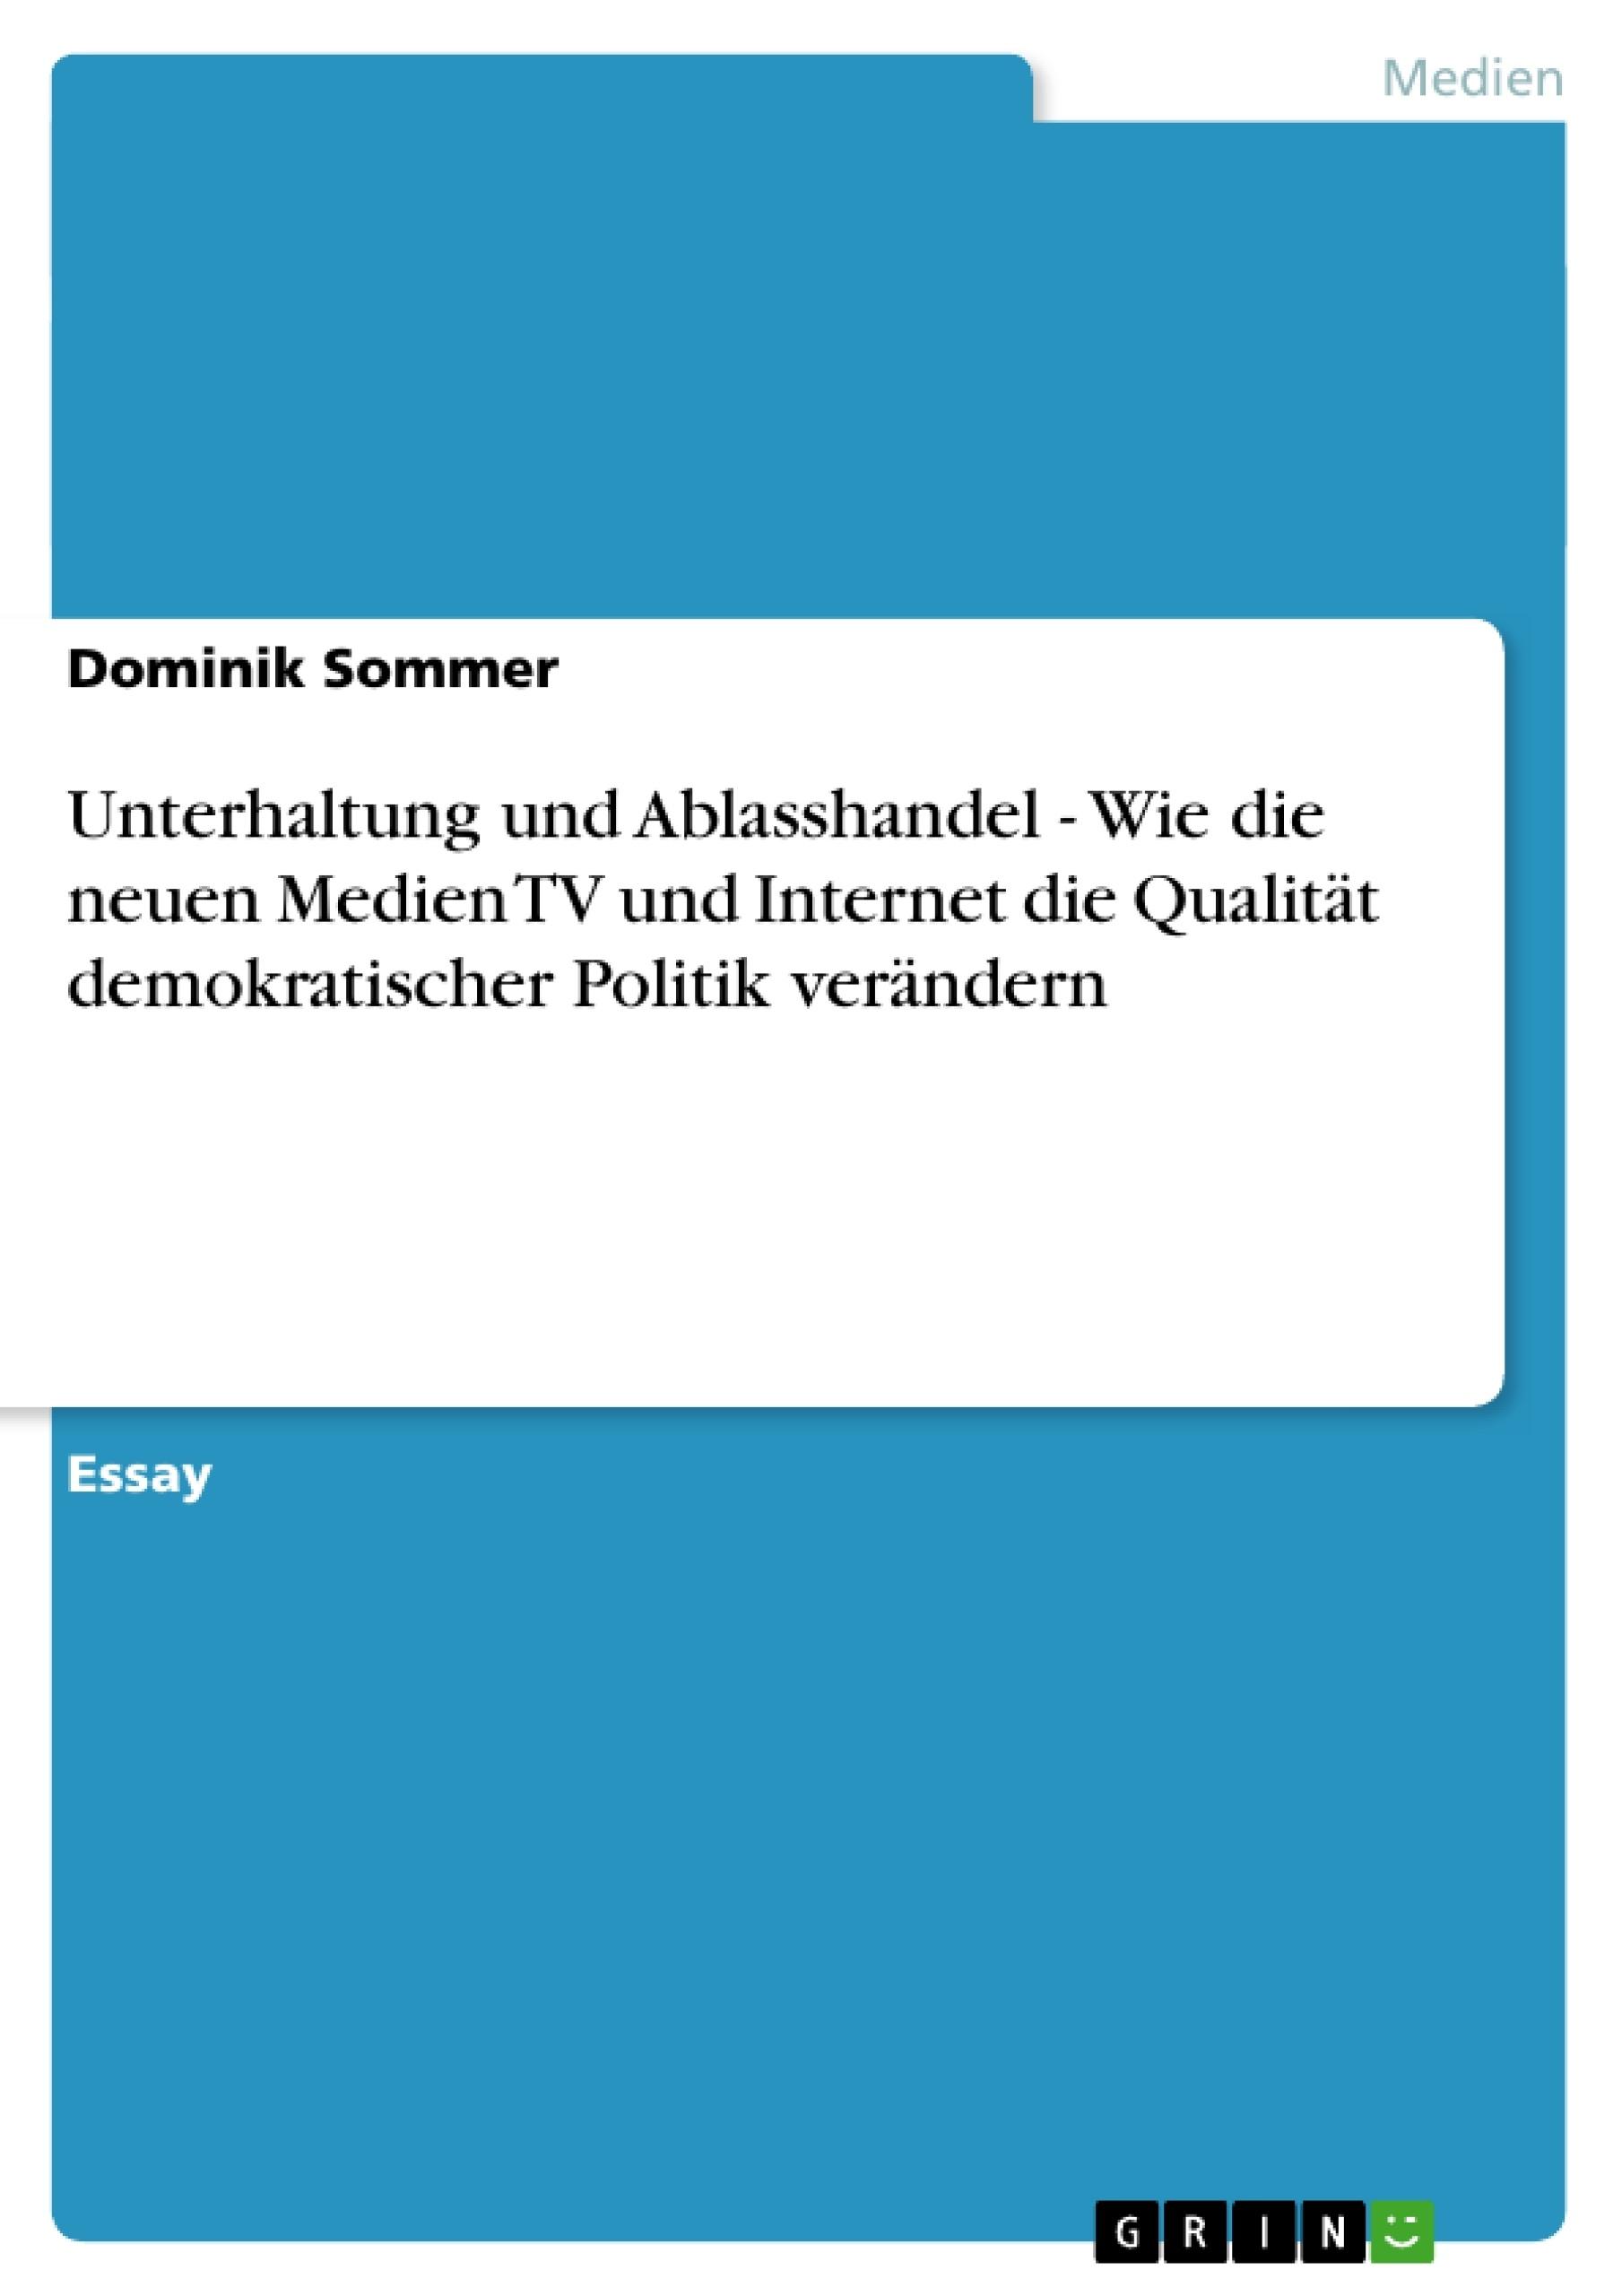 Titel: Unterhaltung und Ablasshandel - Wie die neuen Medien TV und Internet die Qualität demokratischer Politik verändern